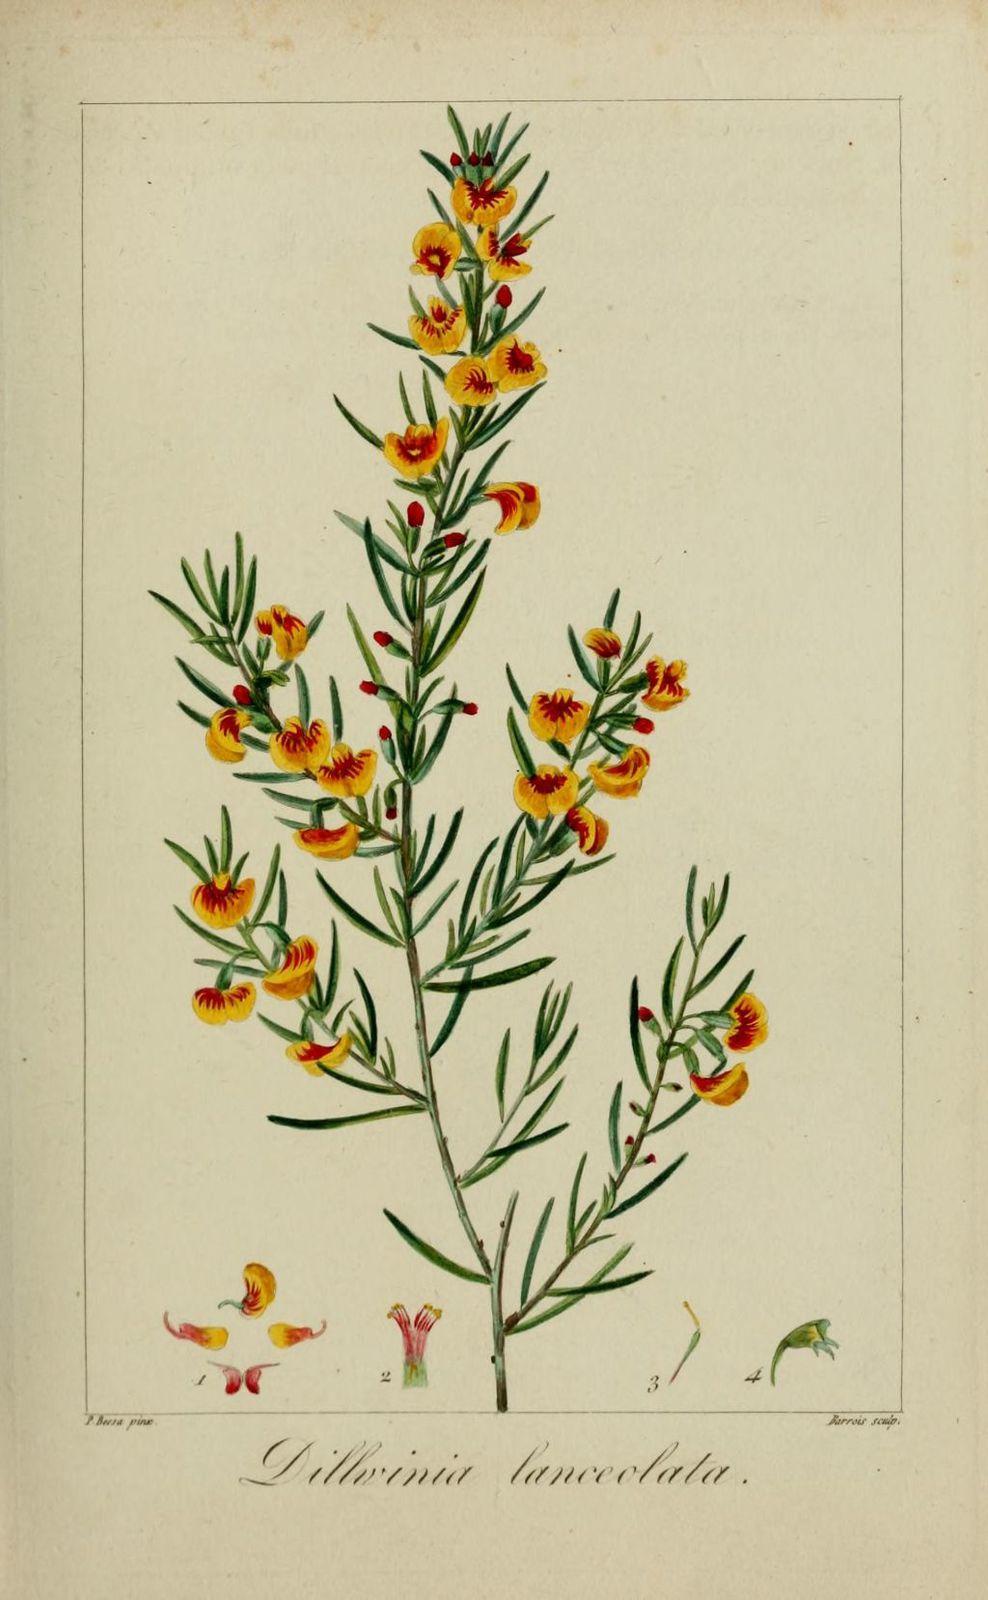 60115 dillwynia lanceole - dillwynia lanceolata